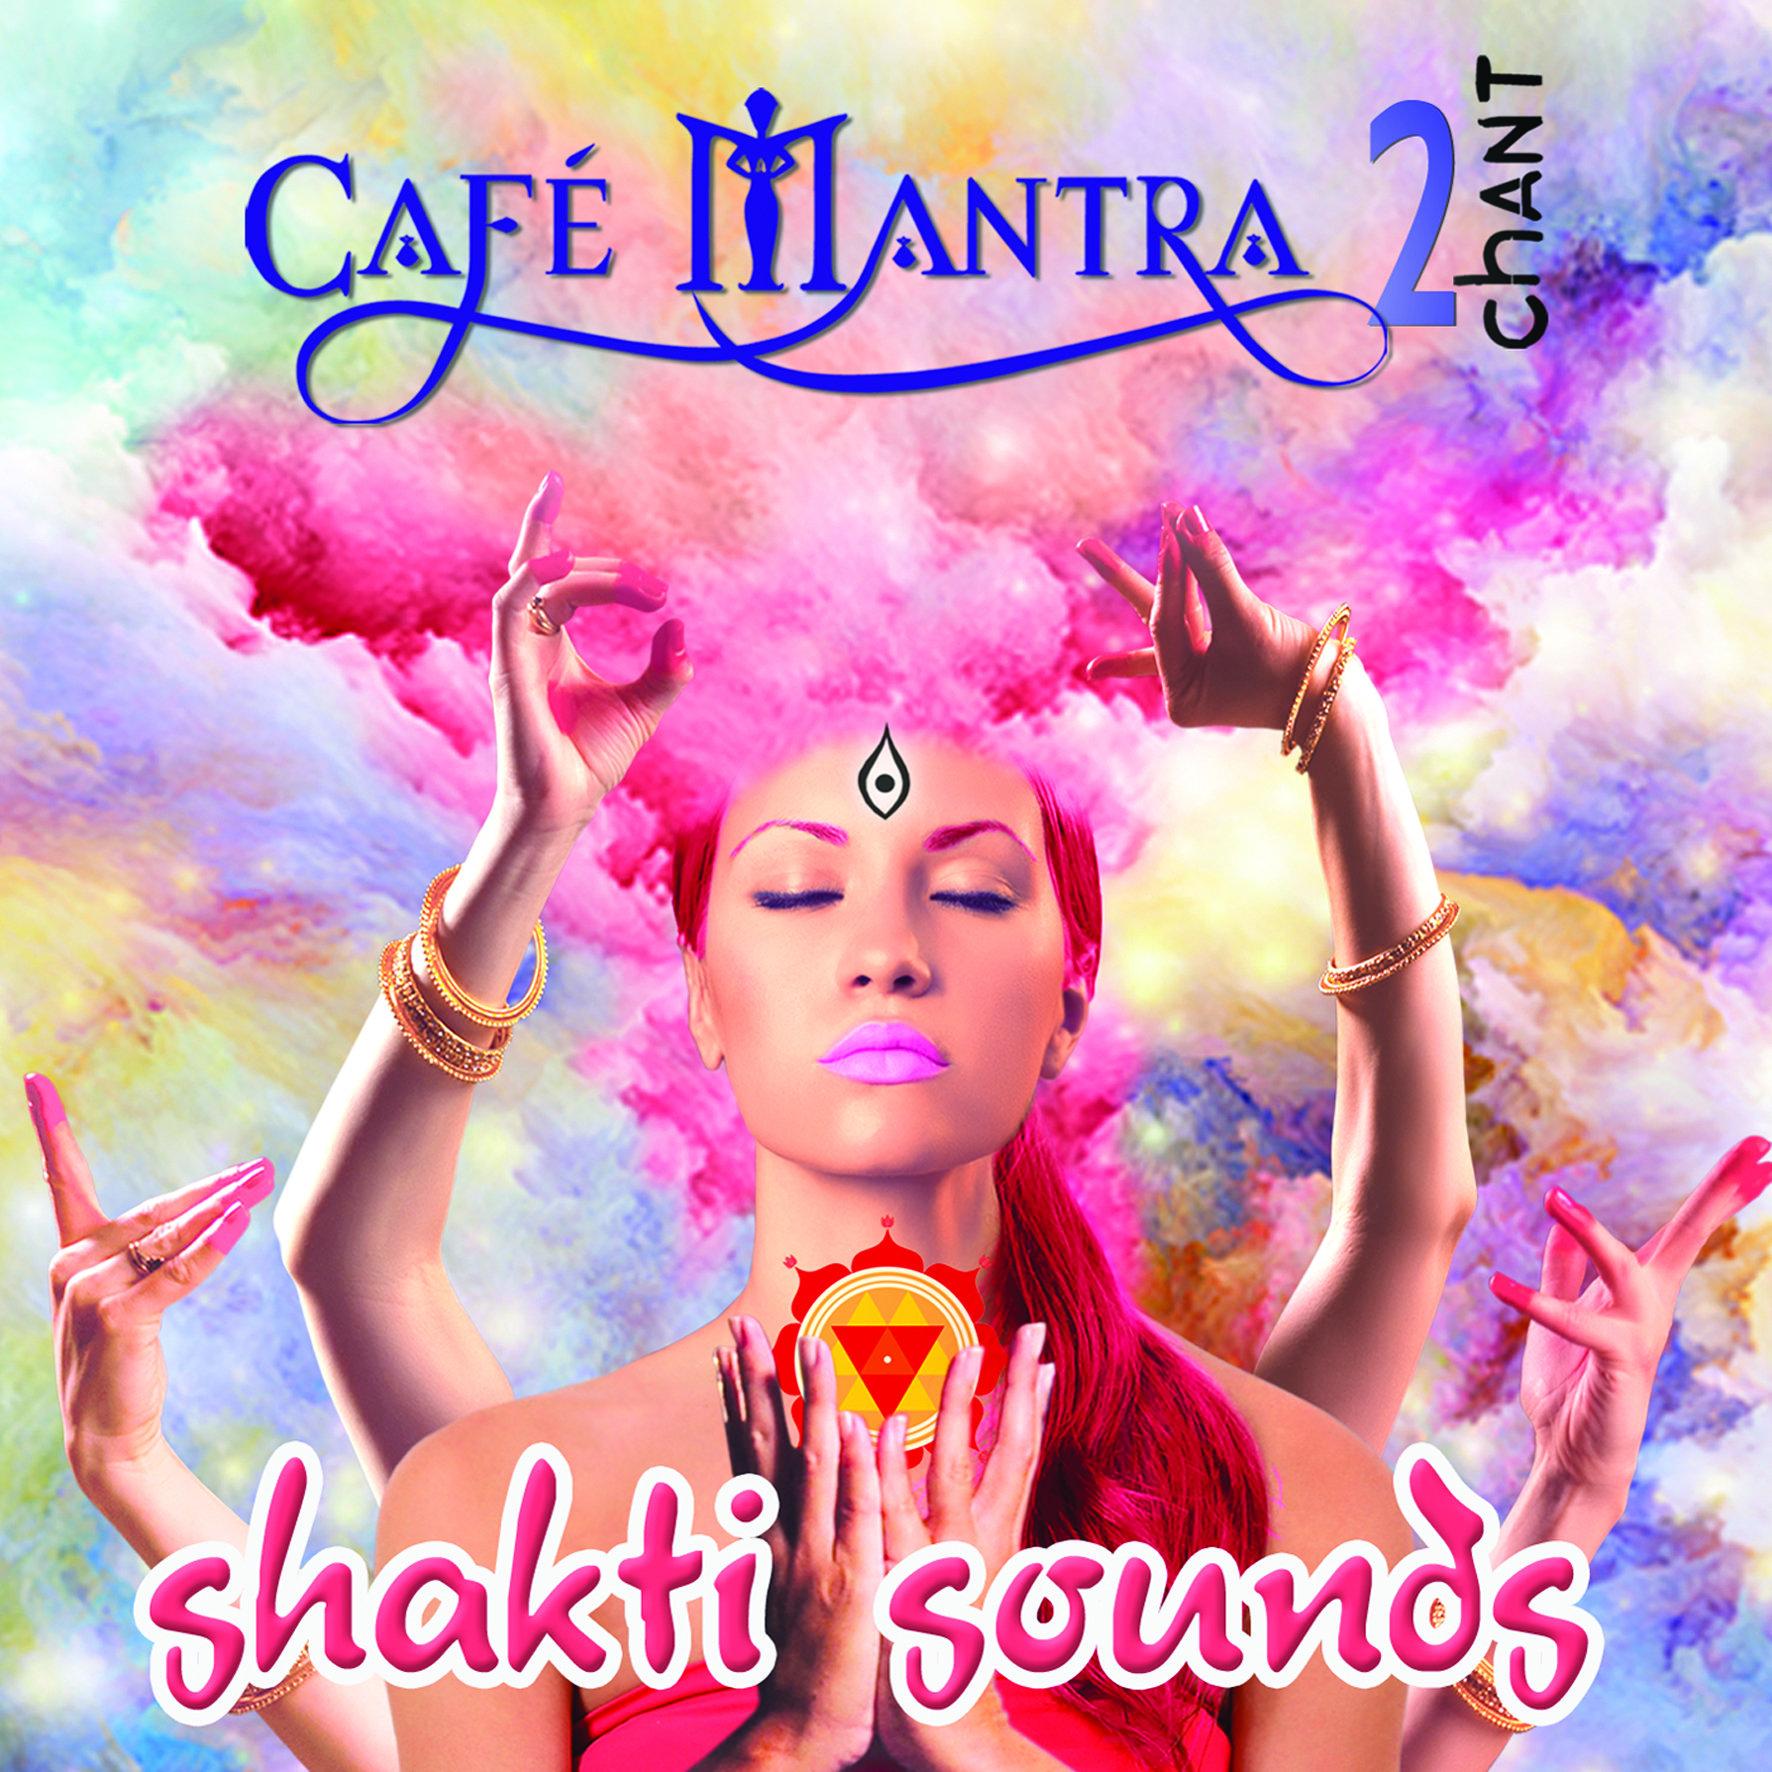 CD Cafe Mantra Chant2 Shakti Sounds 00006